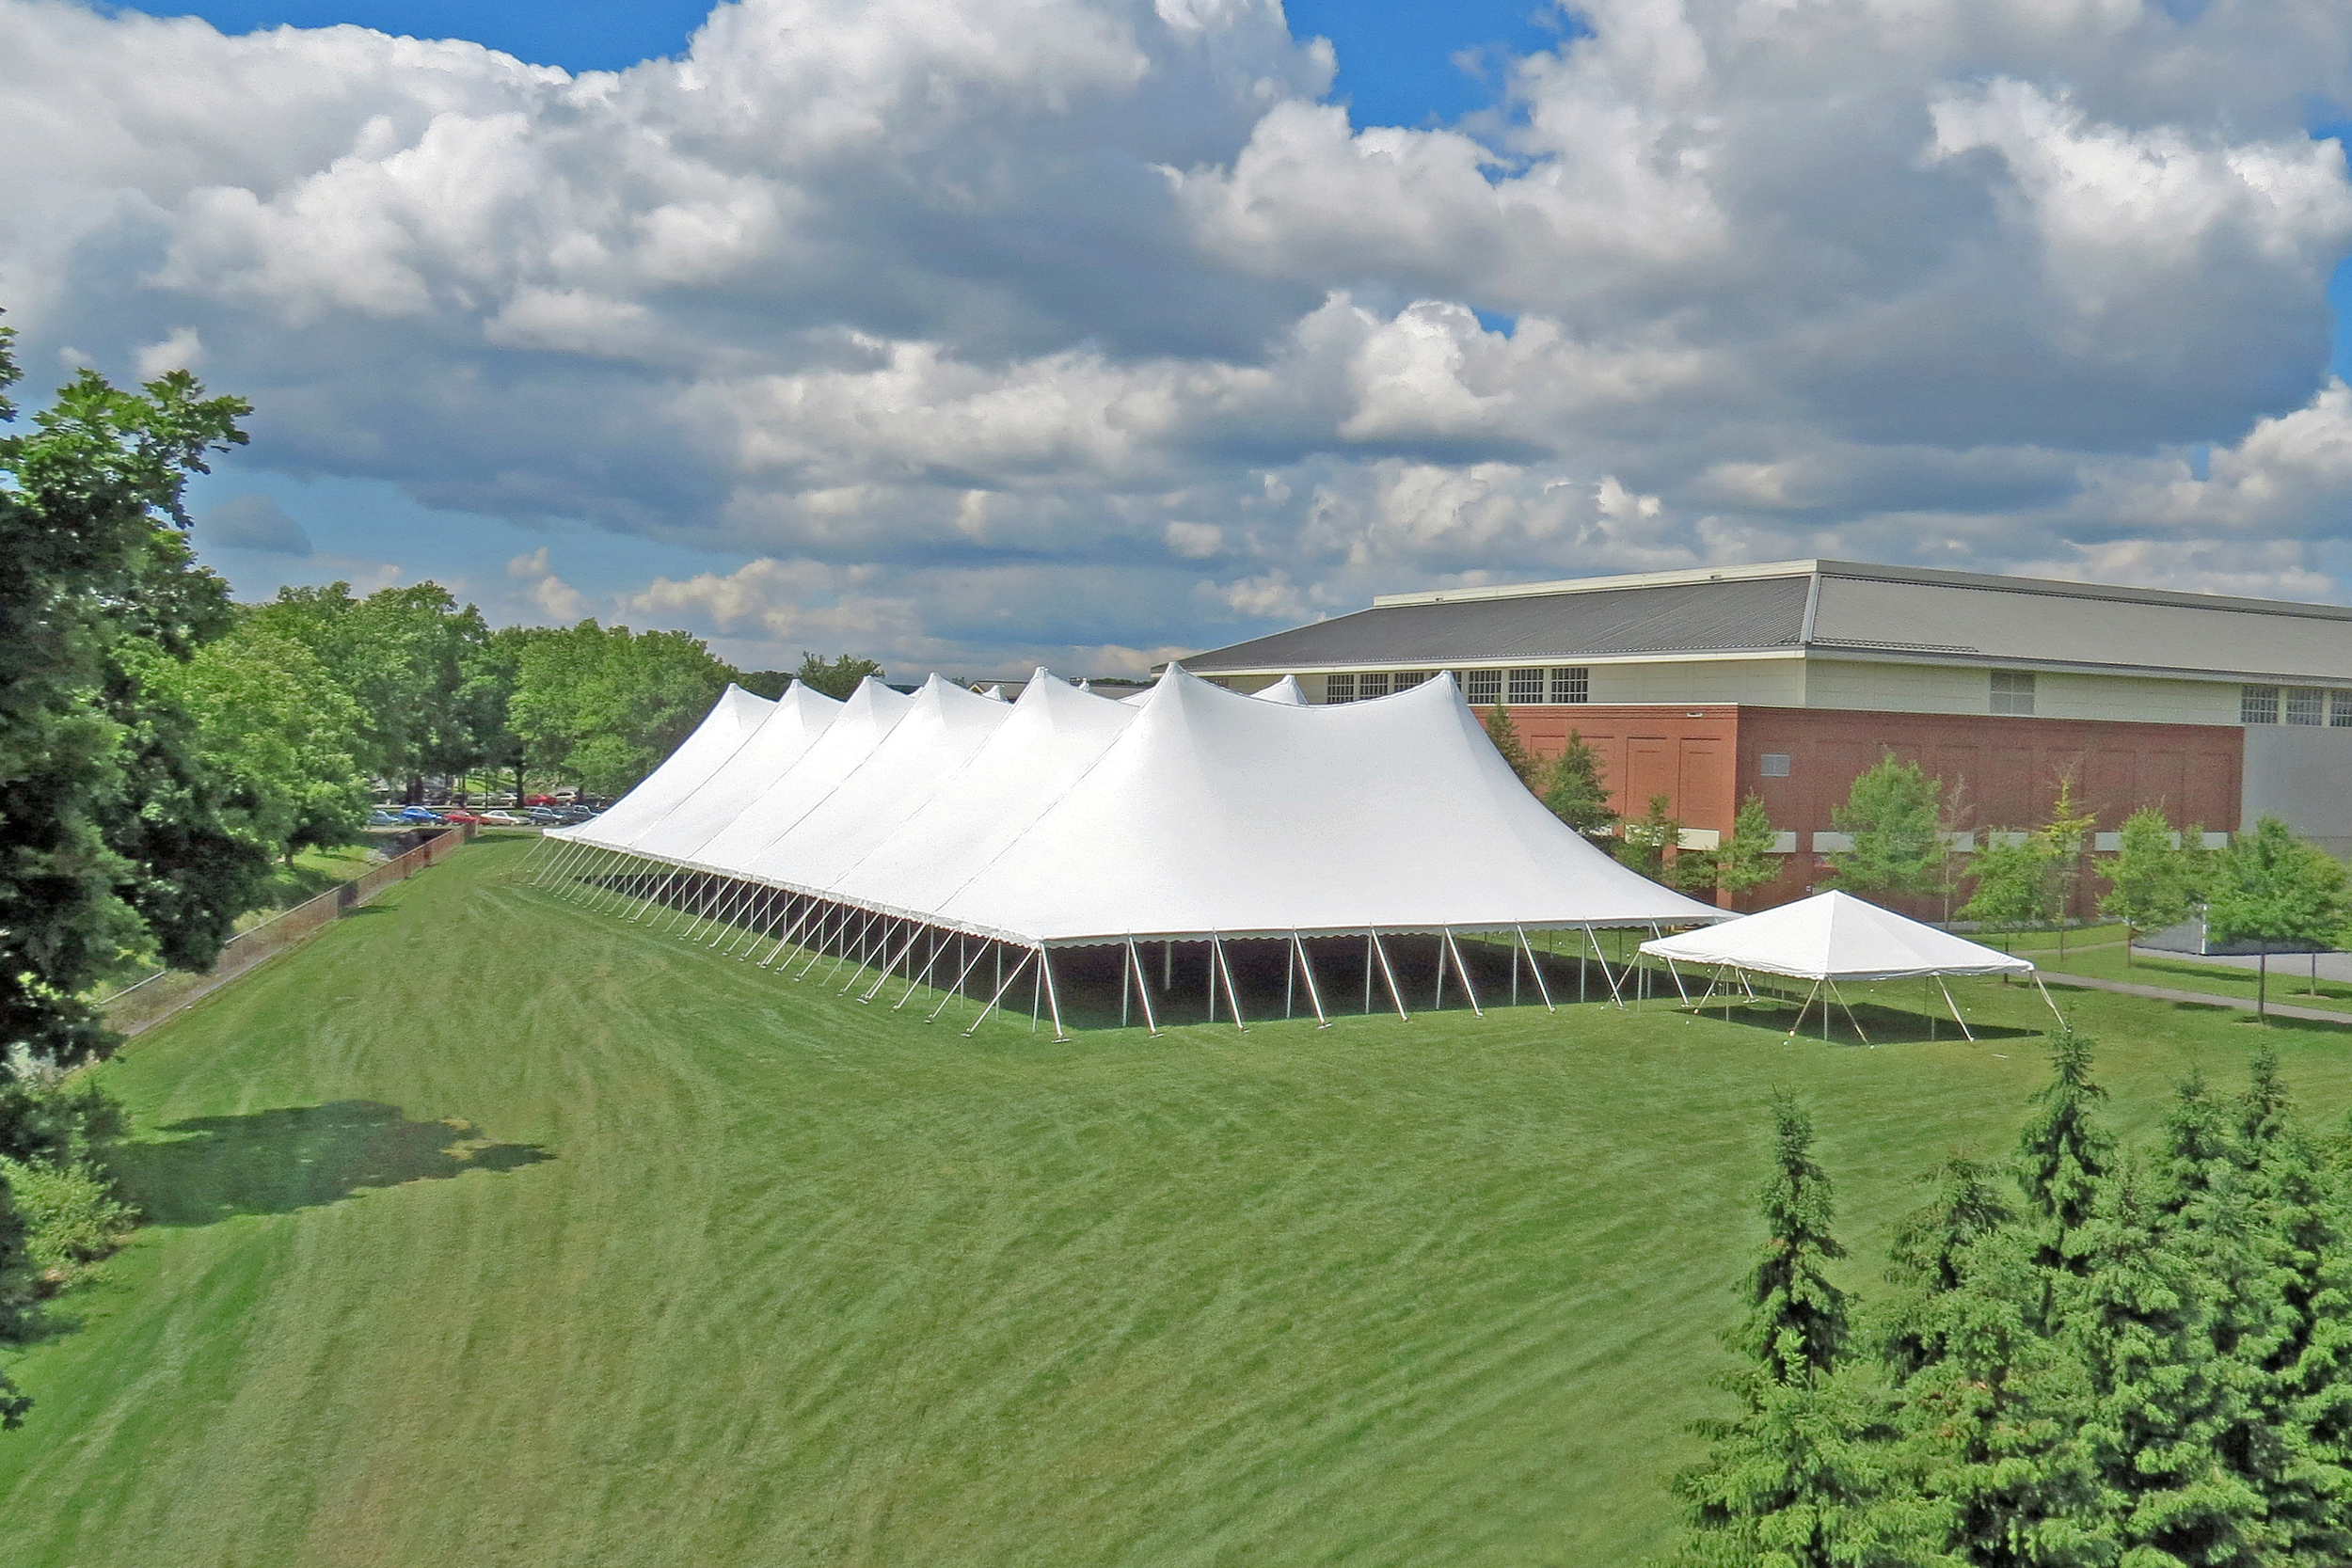 Delaware Tent Rentals